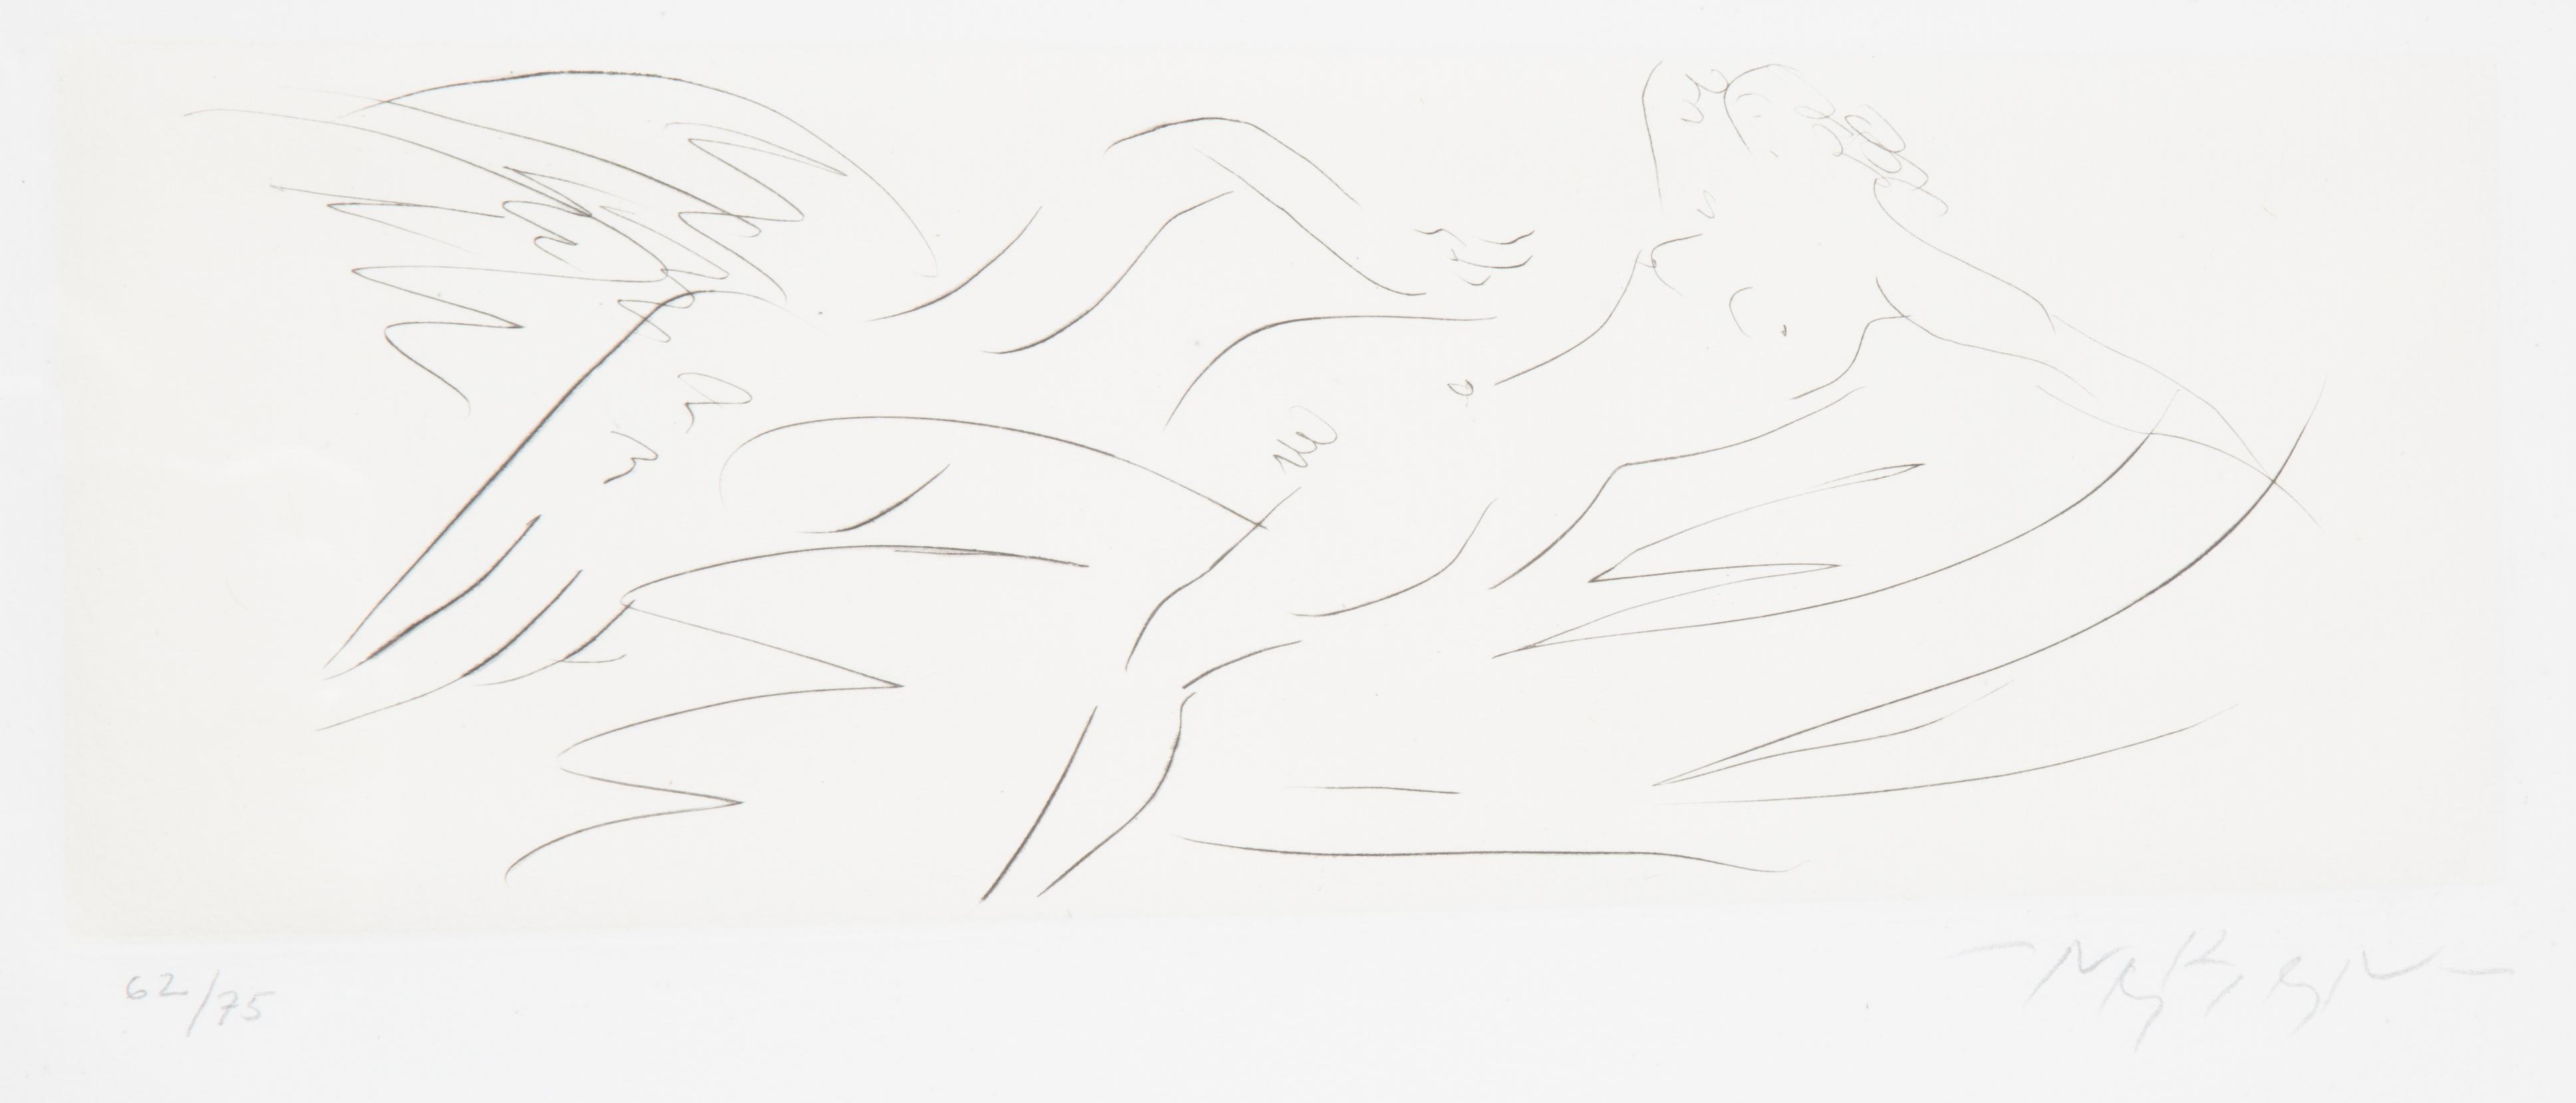 NINE ETCHINGS BY REUBEN NAKIAN (AMERICAN 1897-1986) - Image 4 of 18